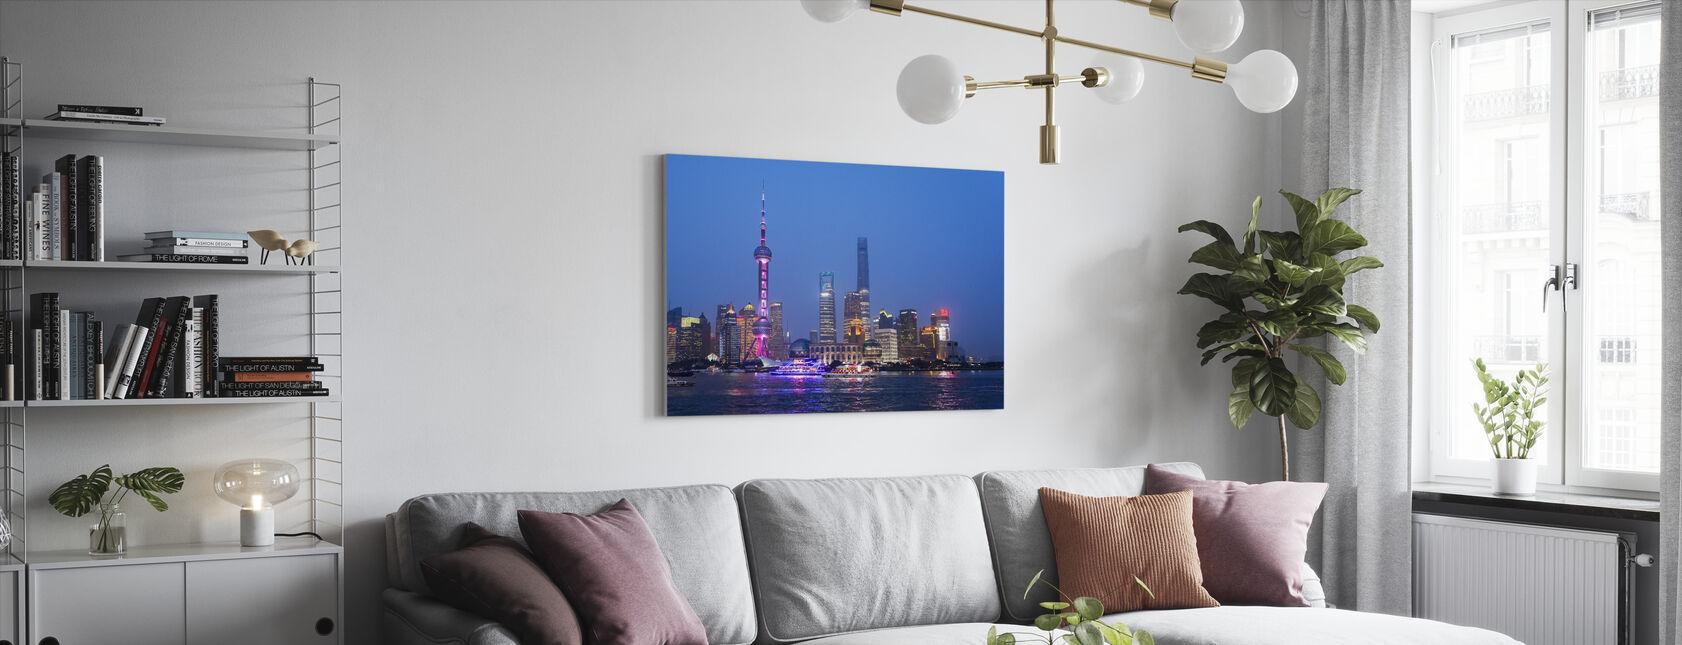 Natudsigt over Shanghai City - Billede på lærred - Stue